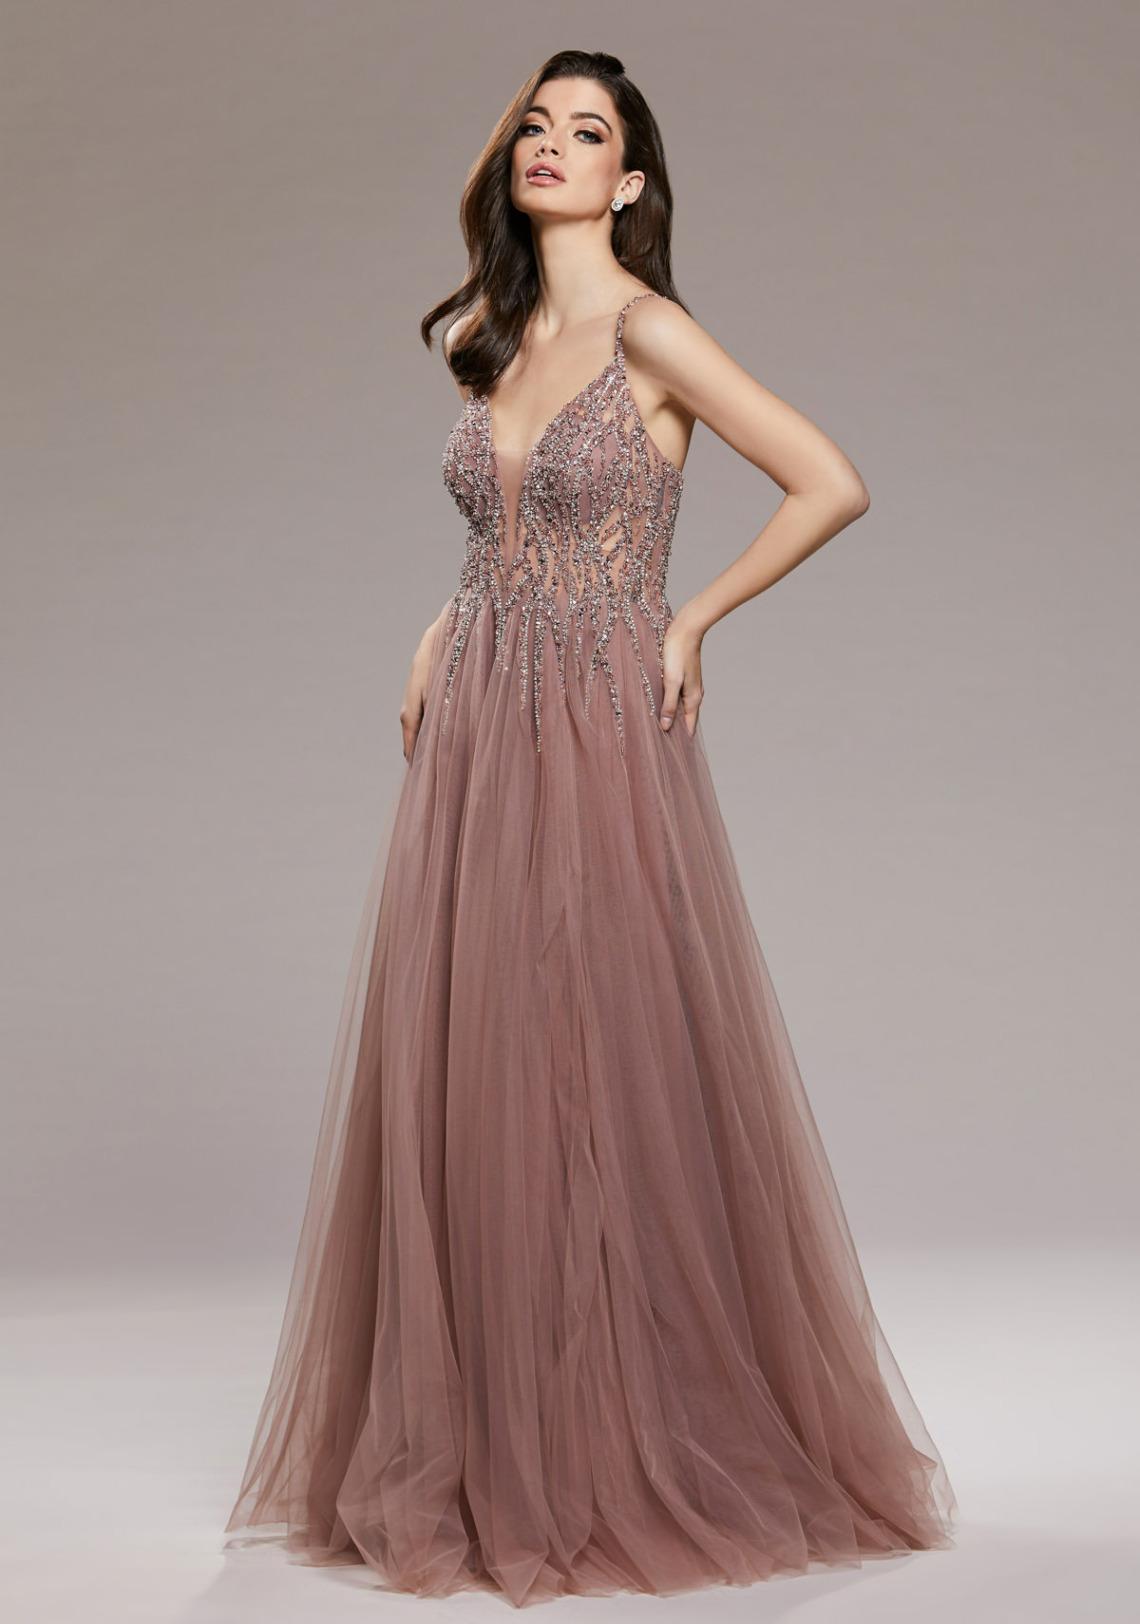 Traumhaftes Abiballkleid lang in Nude.  Dieses Abendkleid ist ein ausgefallenes Ballkleid. Es ist bodenlang, schön ausgefallen mit einem V Ausschnitt und Spagettiträgern. Die Farbe ist nude rose mit Glitzer - Vorderansicht